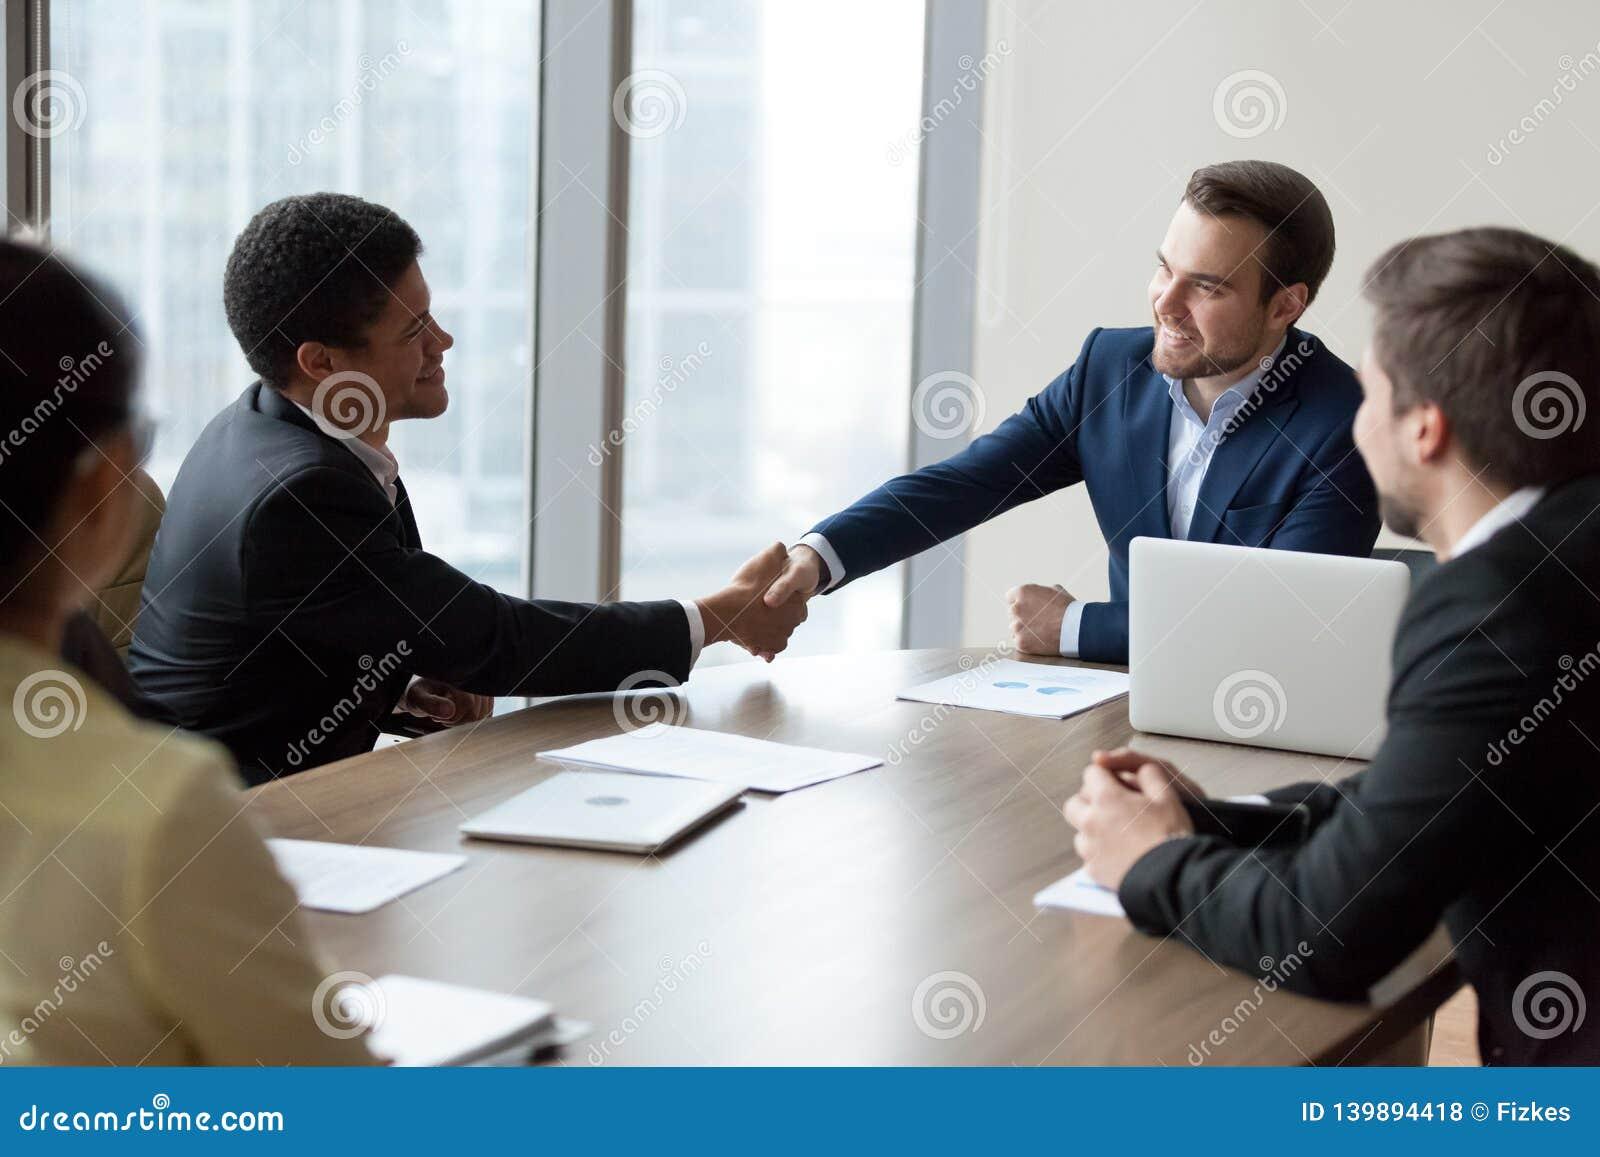 Employé africain de poignée de main de CEO de société lors de la réunion de groupe de sociétés